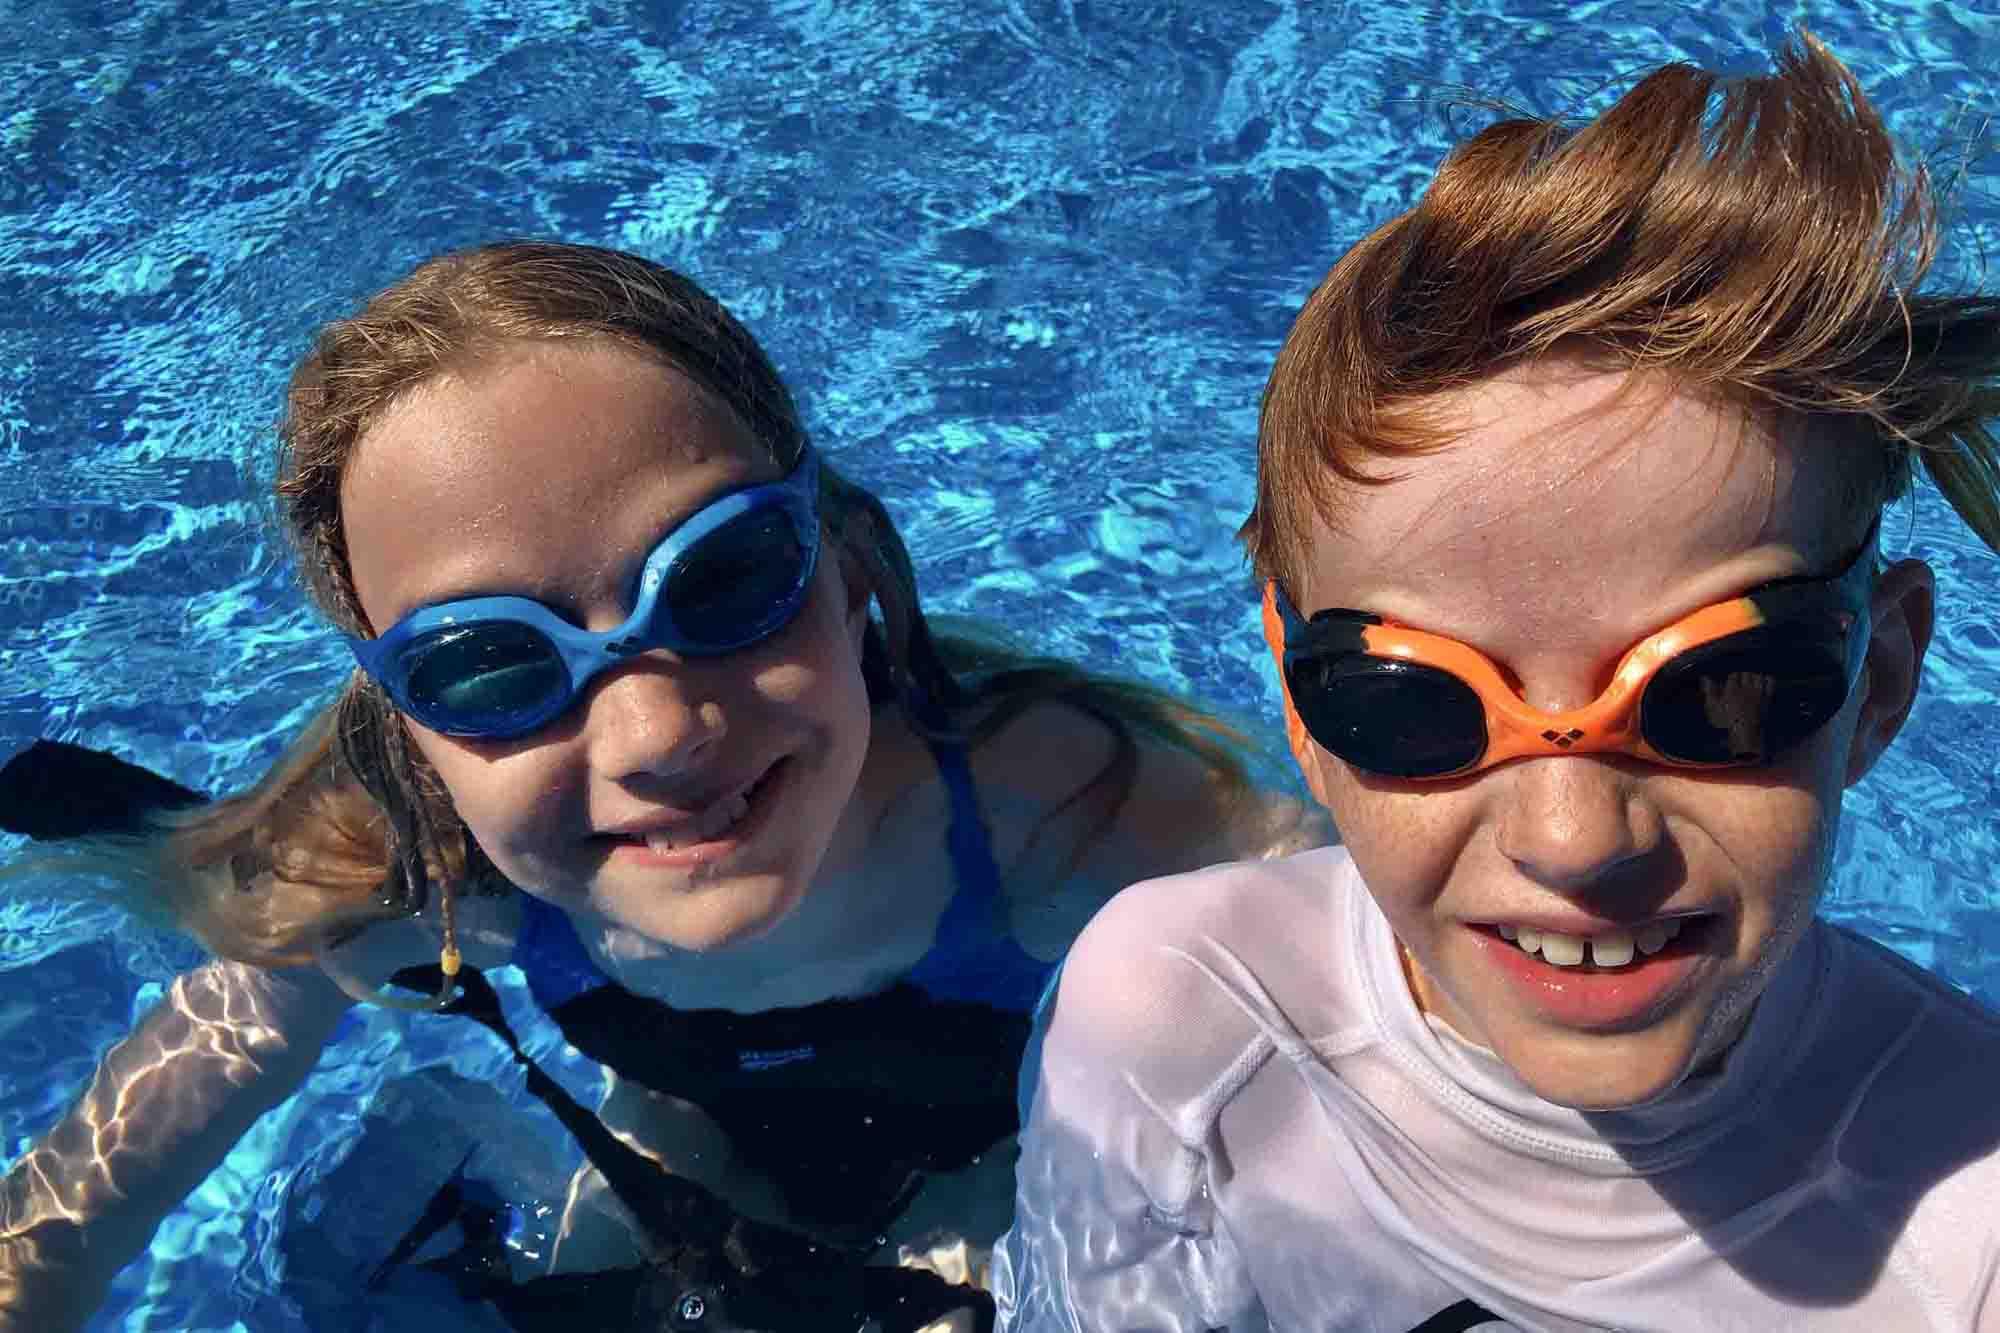 Kinder mit Schwimmbrille